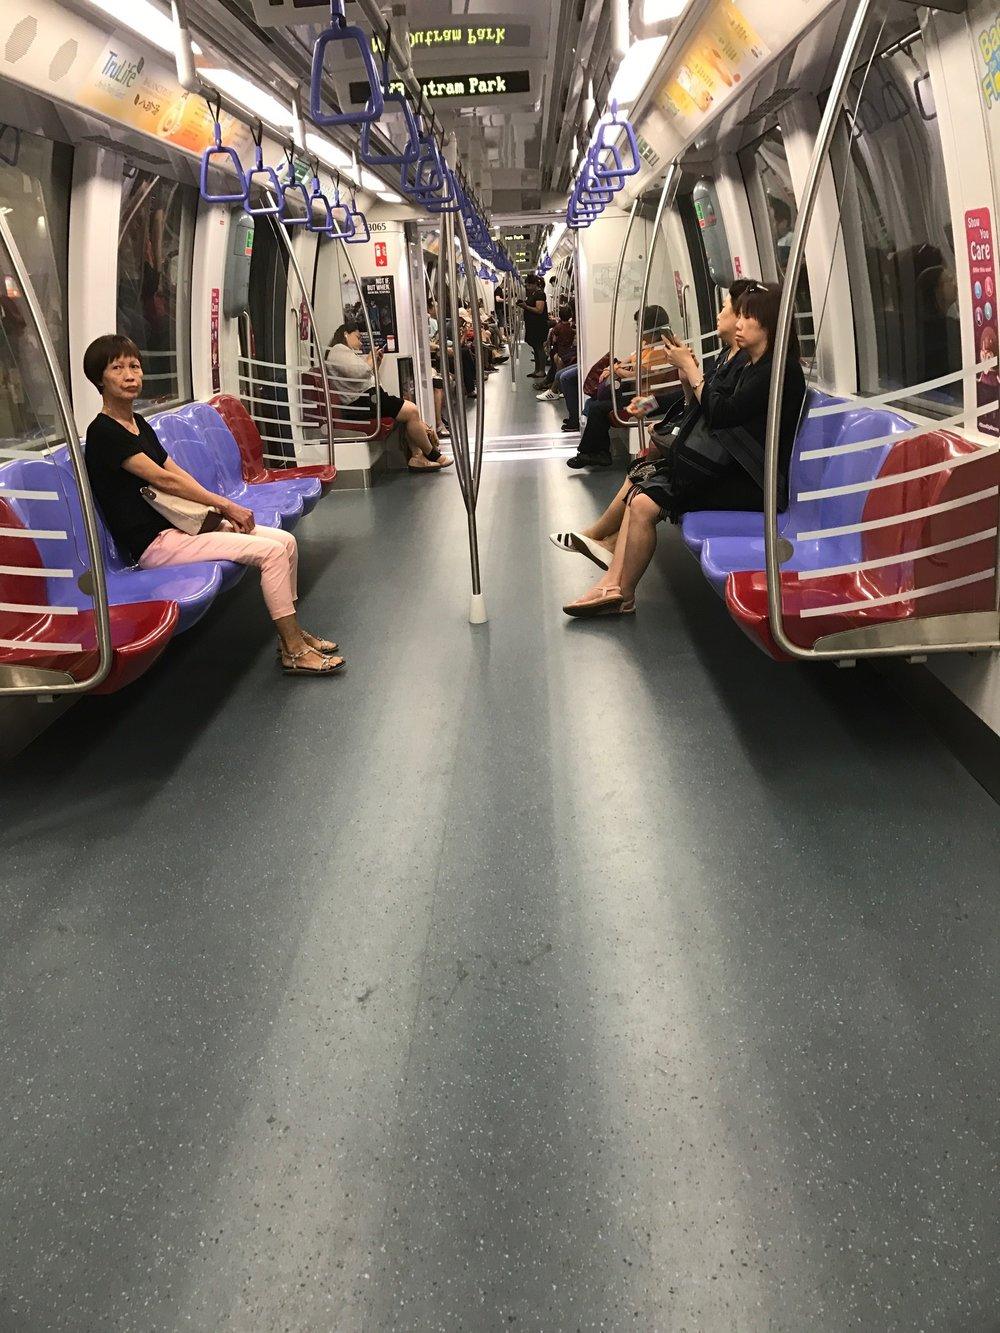 Nice subway car, huh?